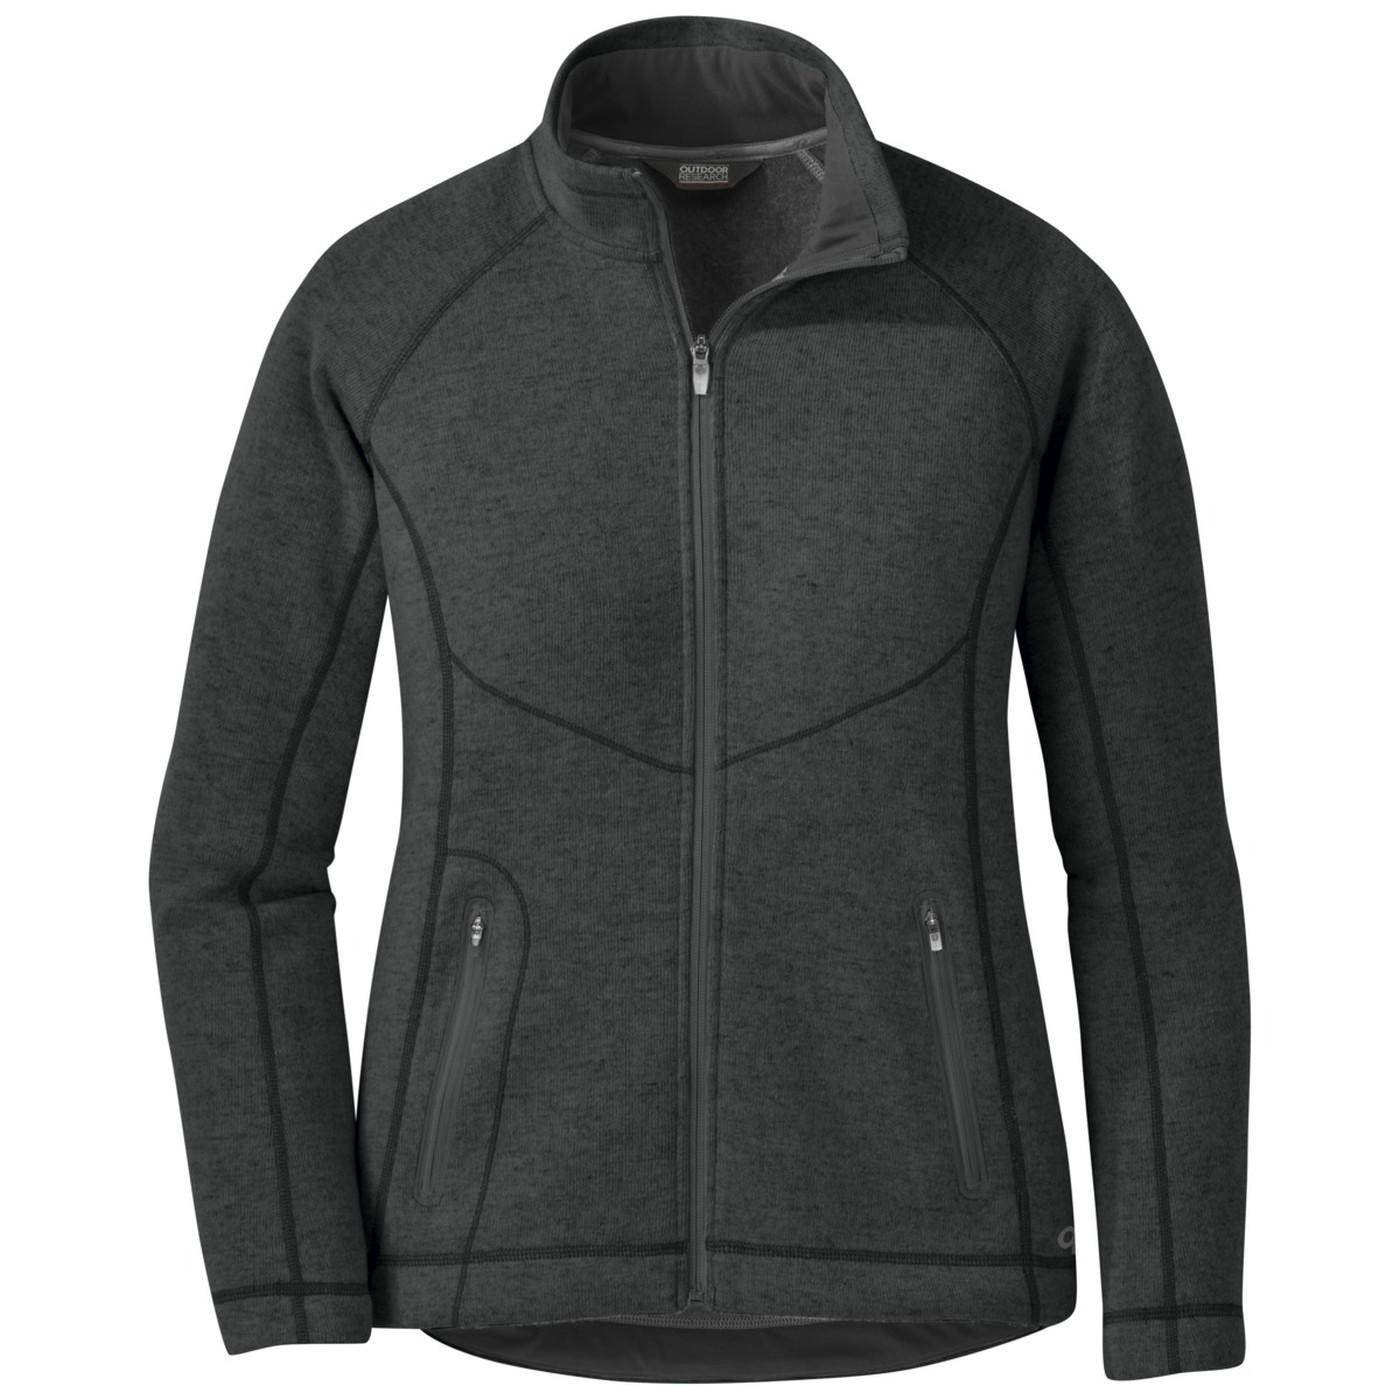 Outdoor Research Women's Vashon Fleece Full-Zip